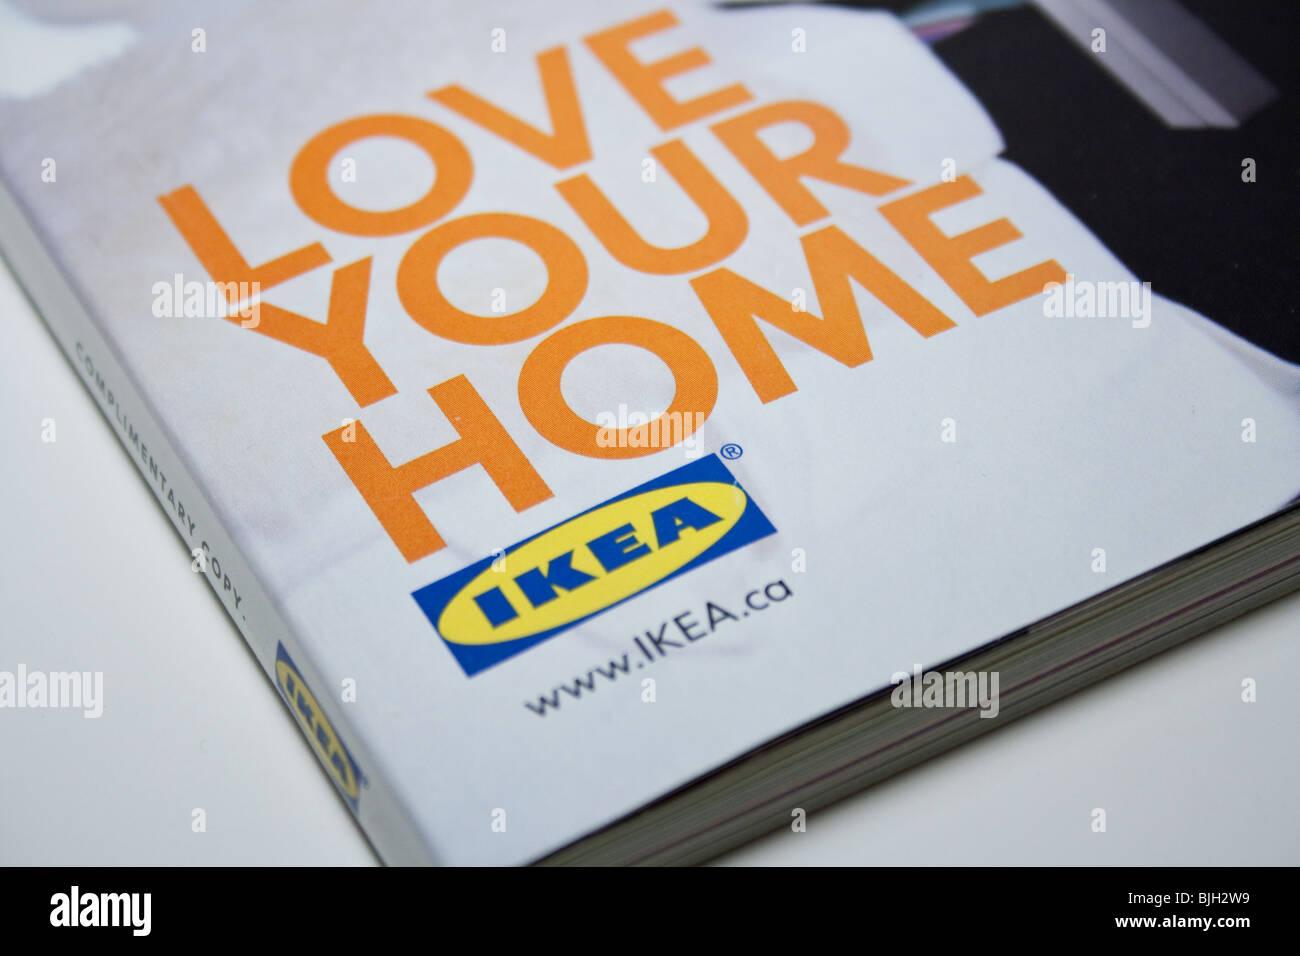 Ikea Catalog Fotos e Imágenes de stock Alamy